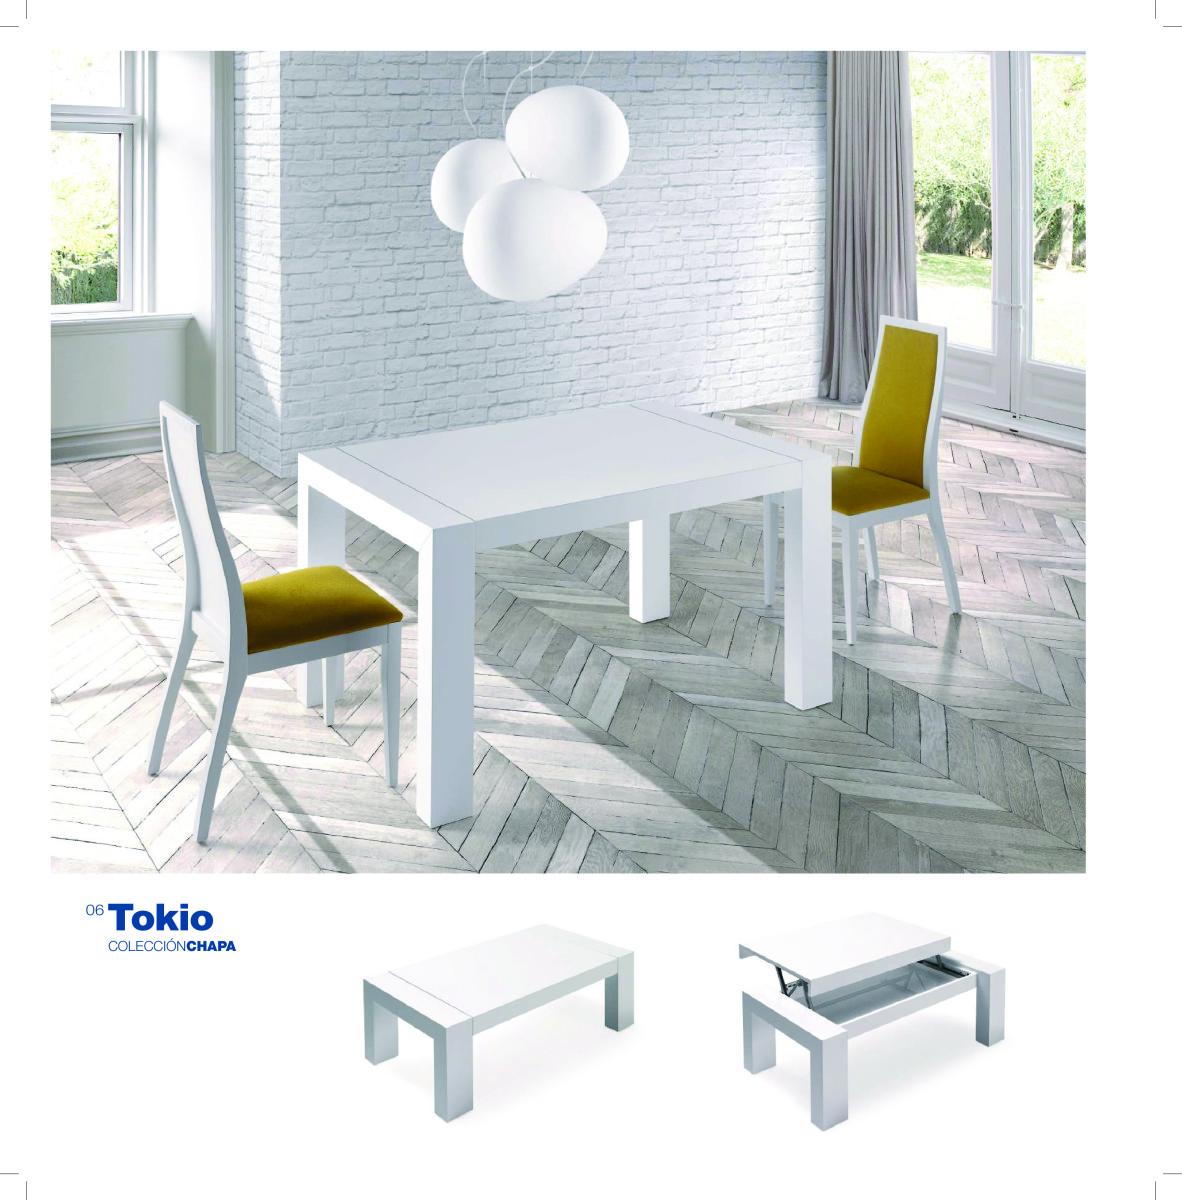 mesas y sillas muebles candela